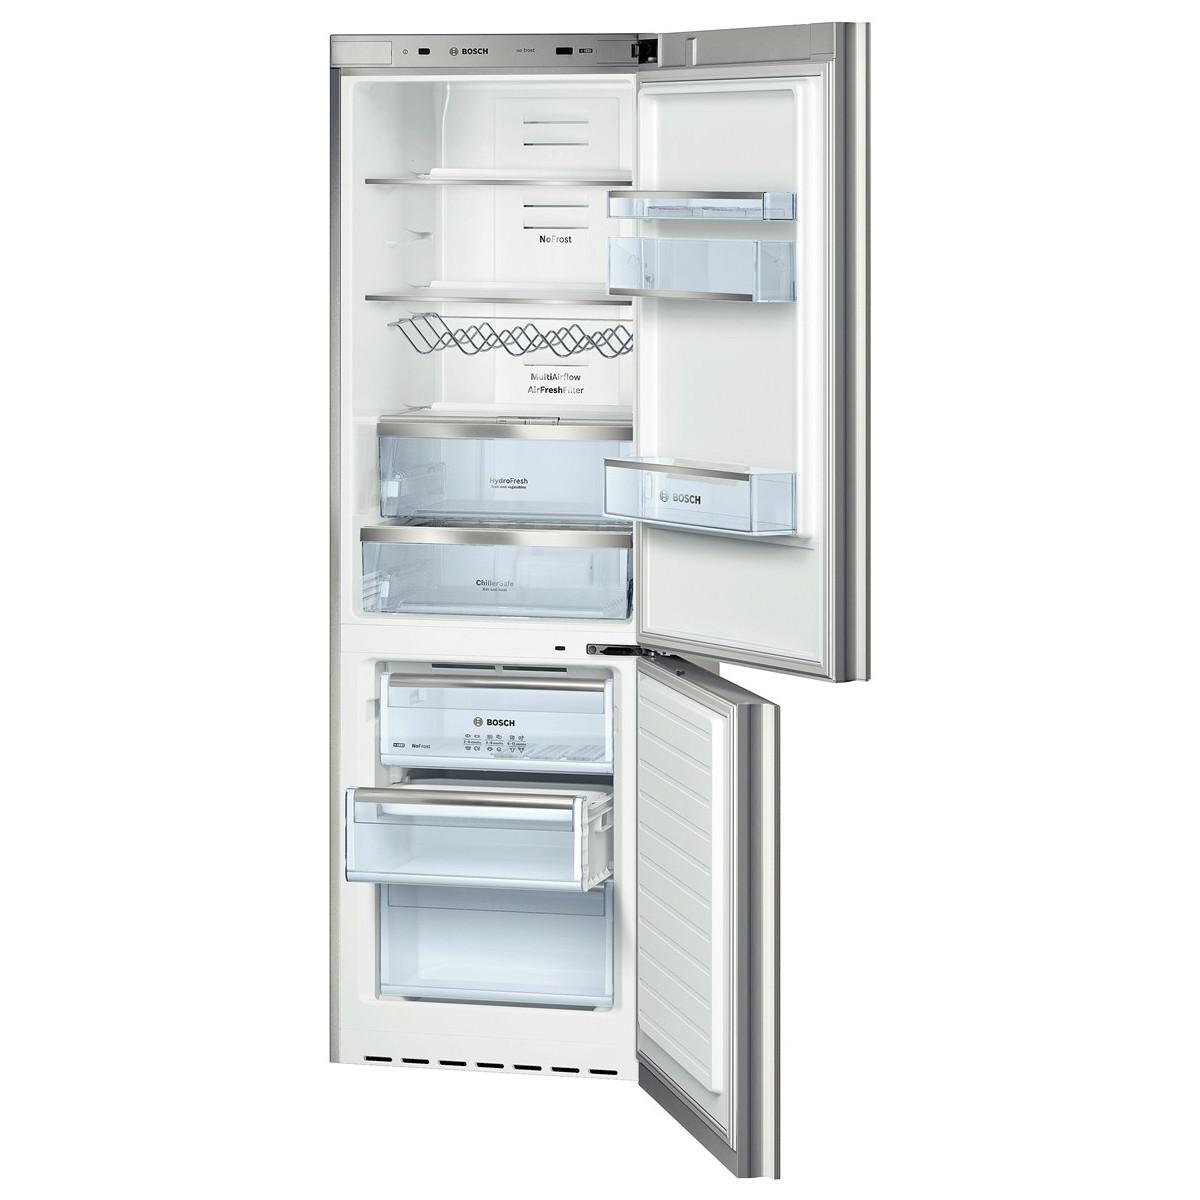 combiné refrigerateur congelateur froid ventilé